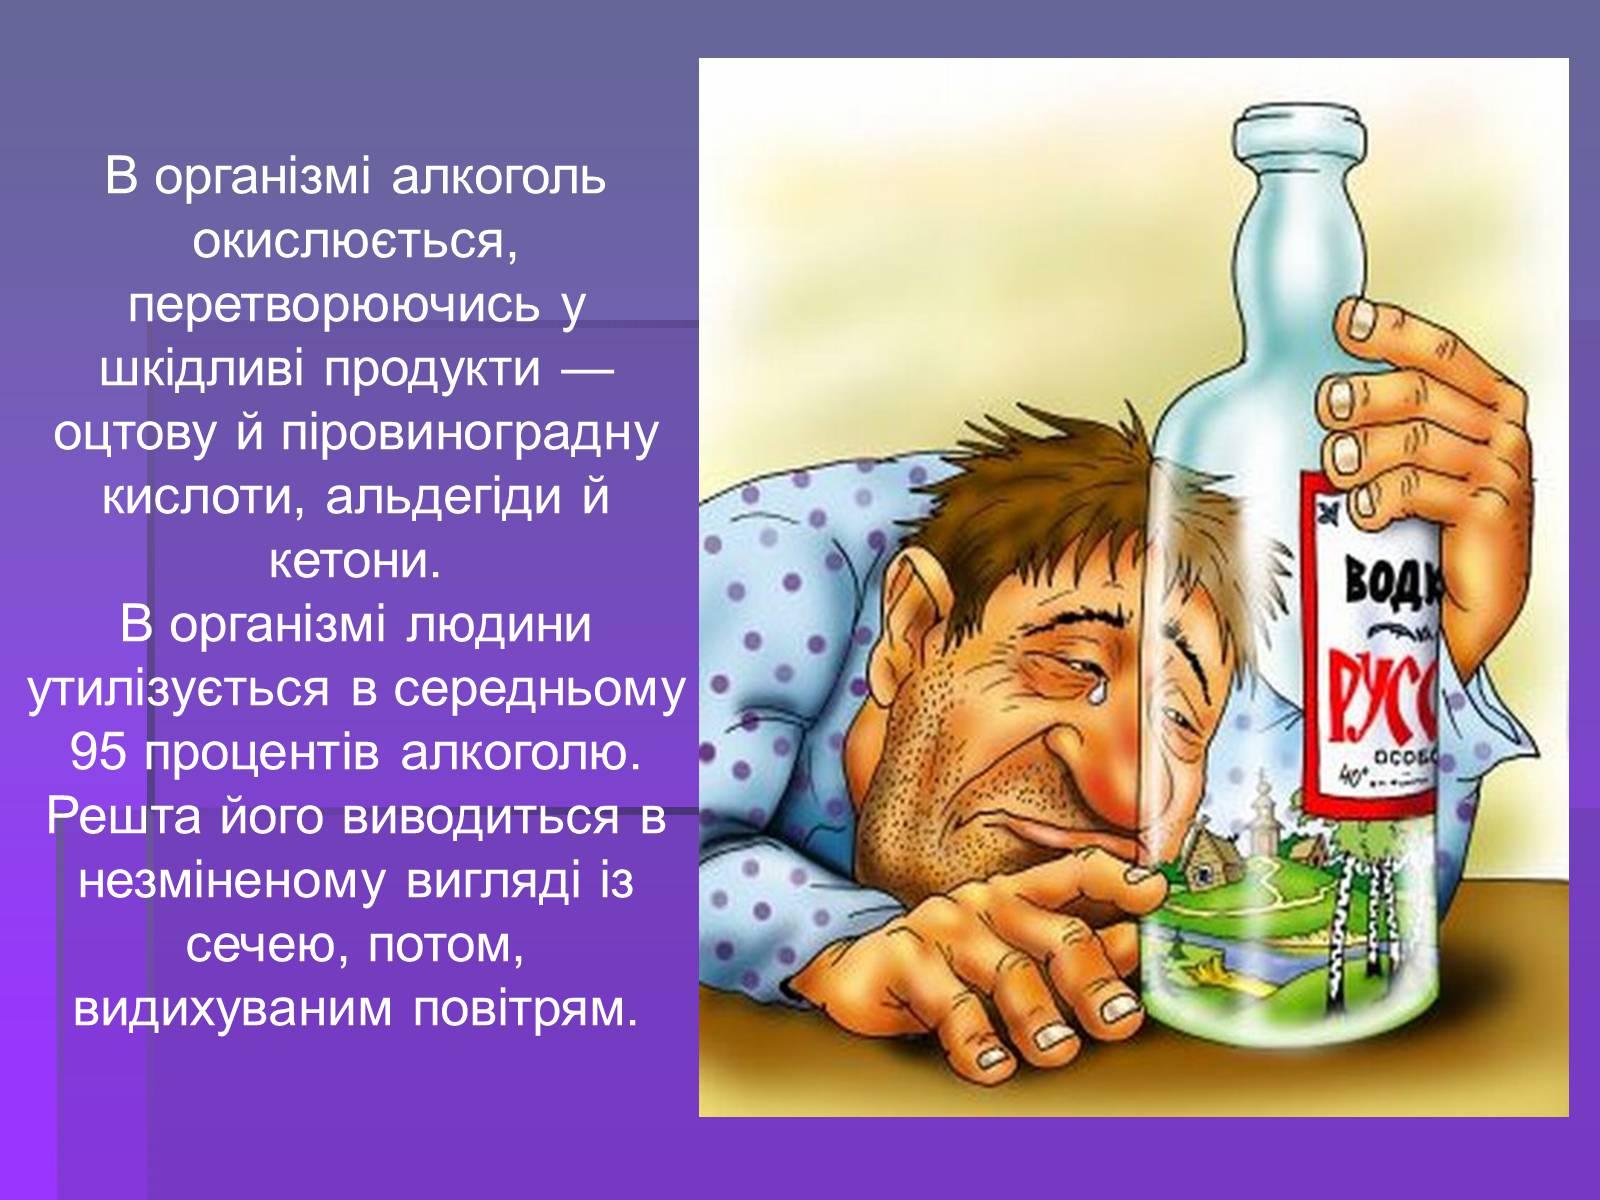 Поздравления новым, картинка о вреде алкоголя бутылкой забором